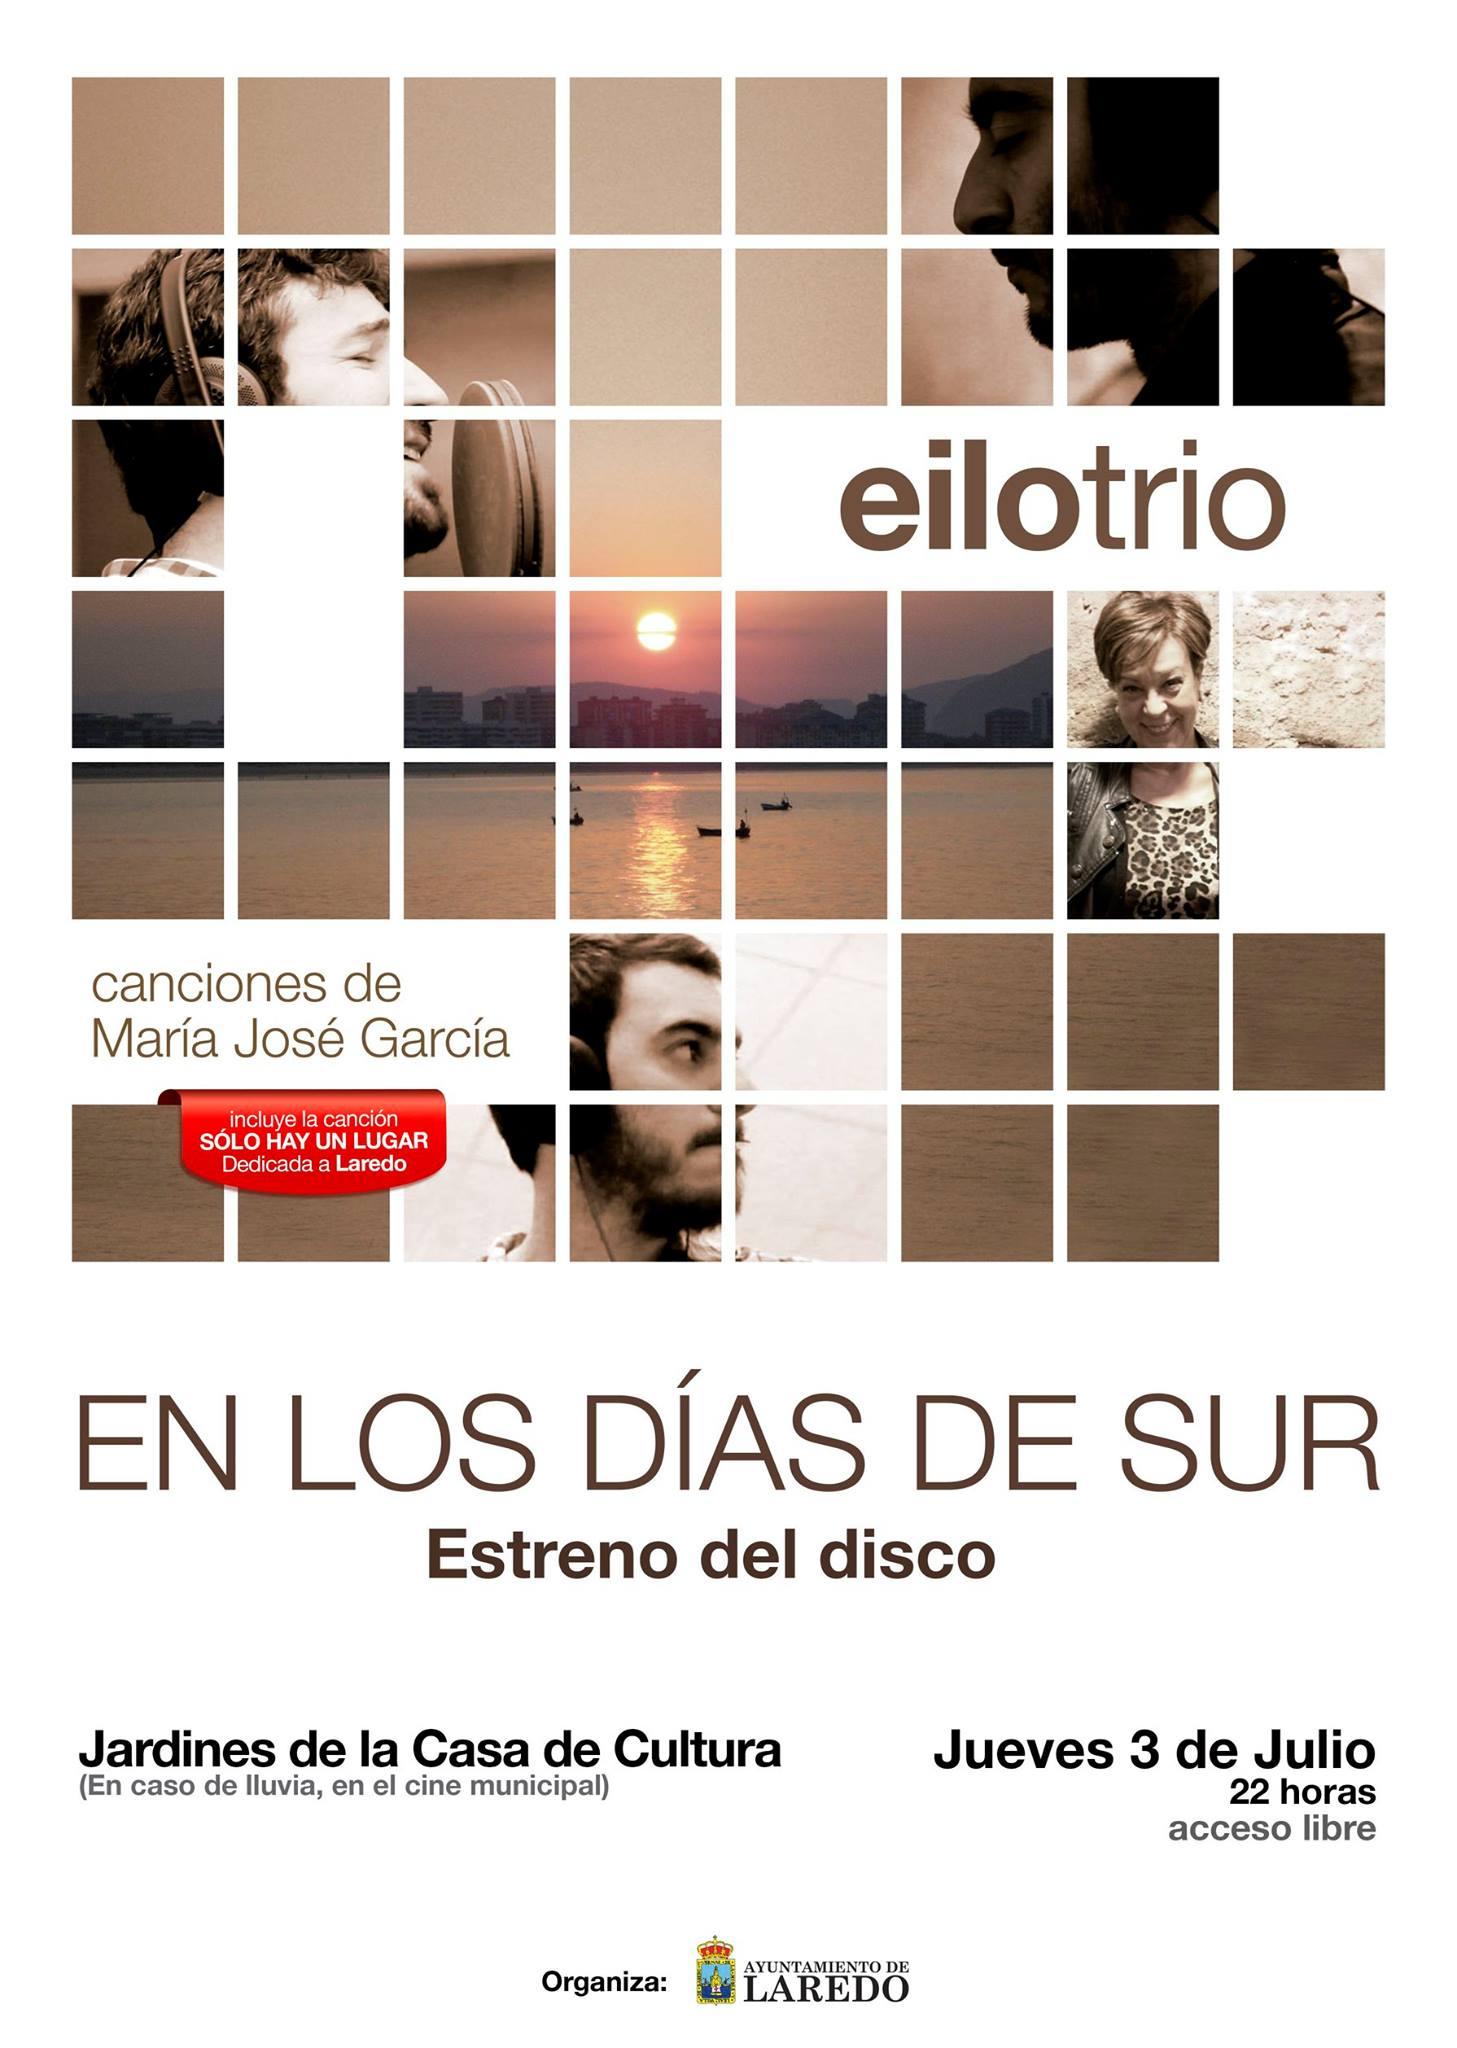 2014 julio 03 - Concierto EiloTrío